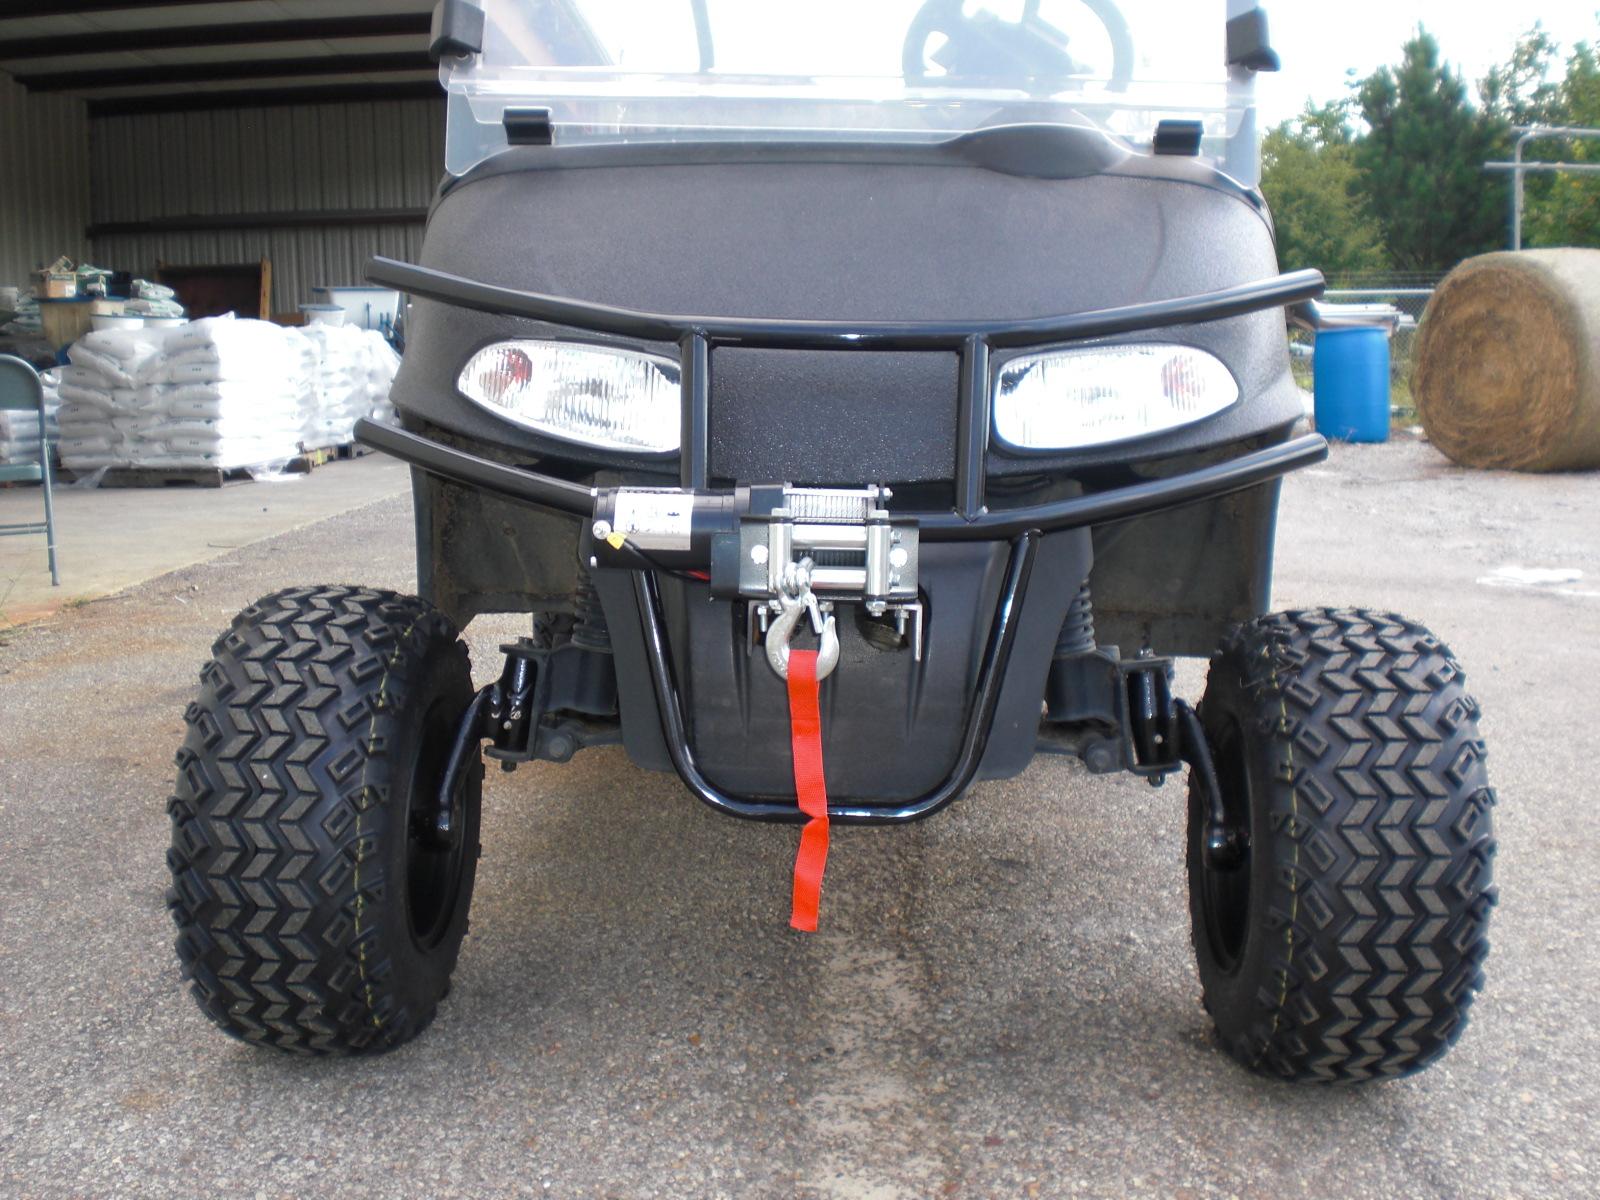 Golf Carts Tallassee AL, Golf Carts for sale Tallassee AL